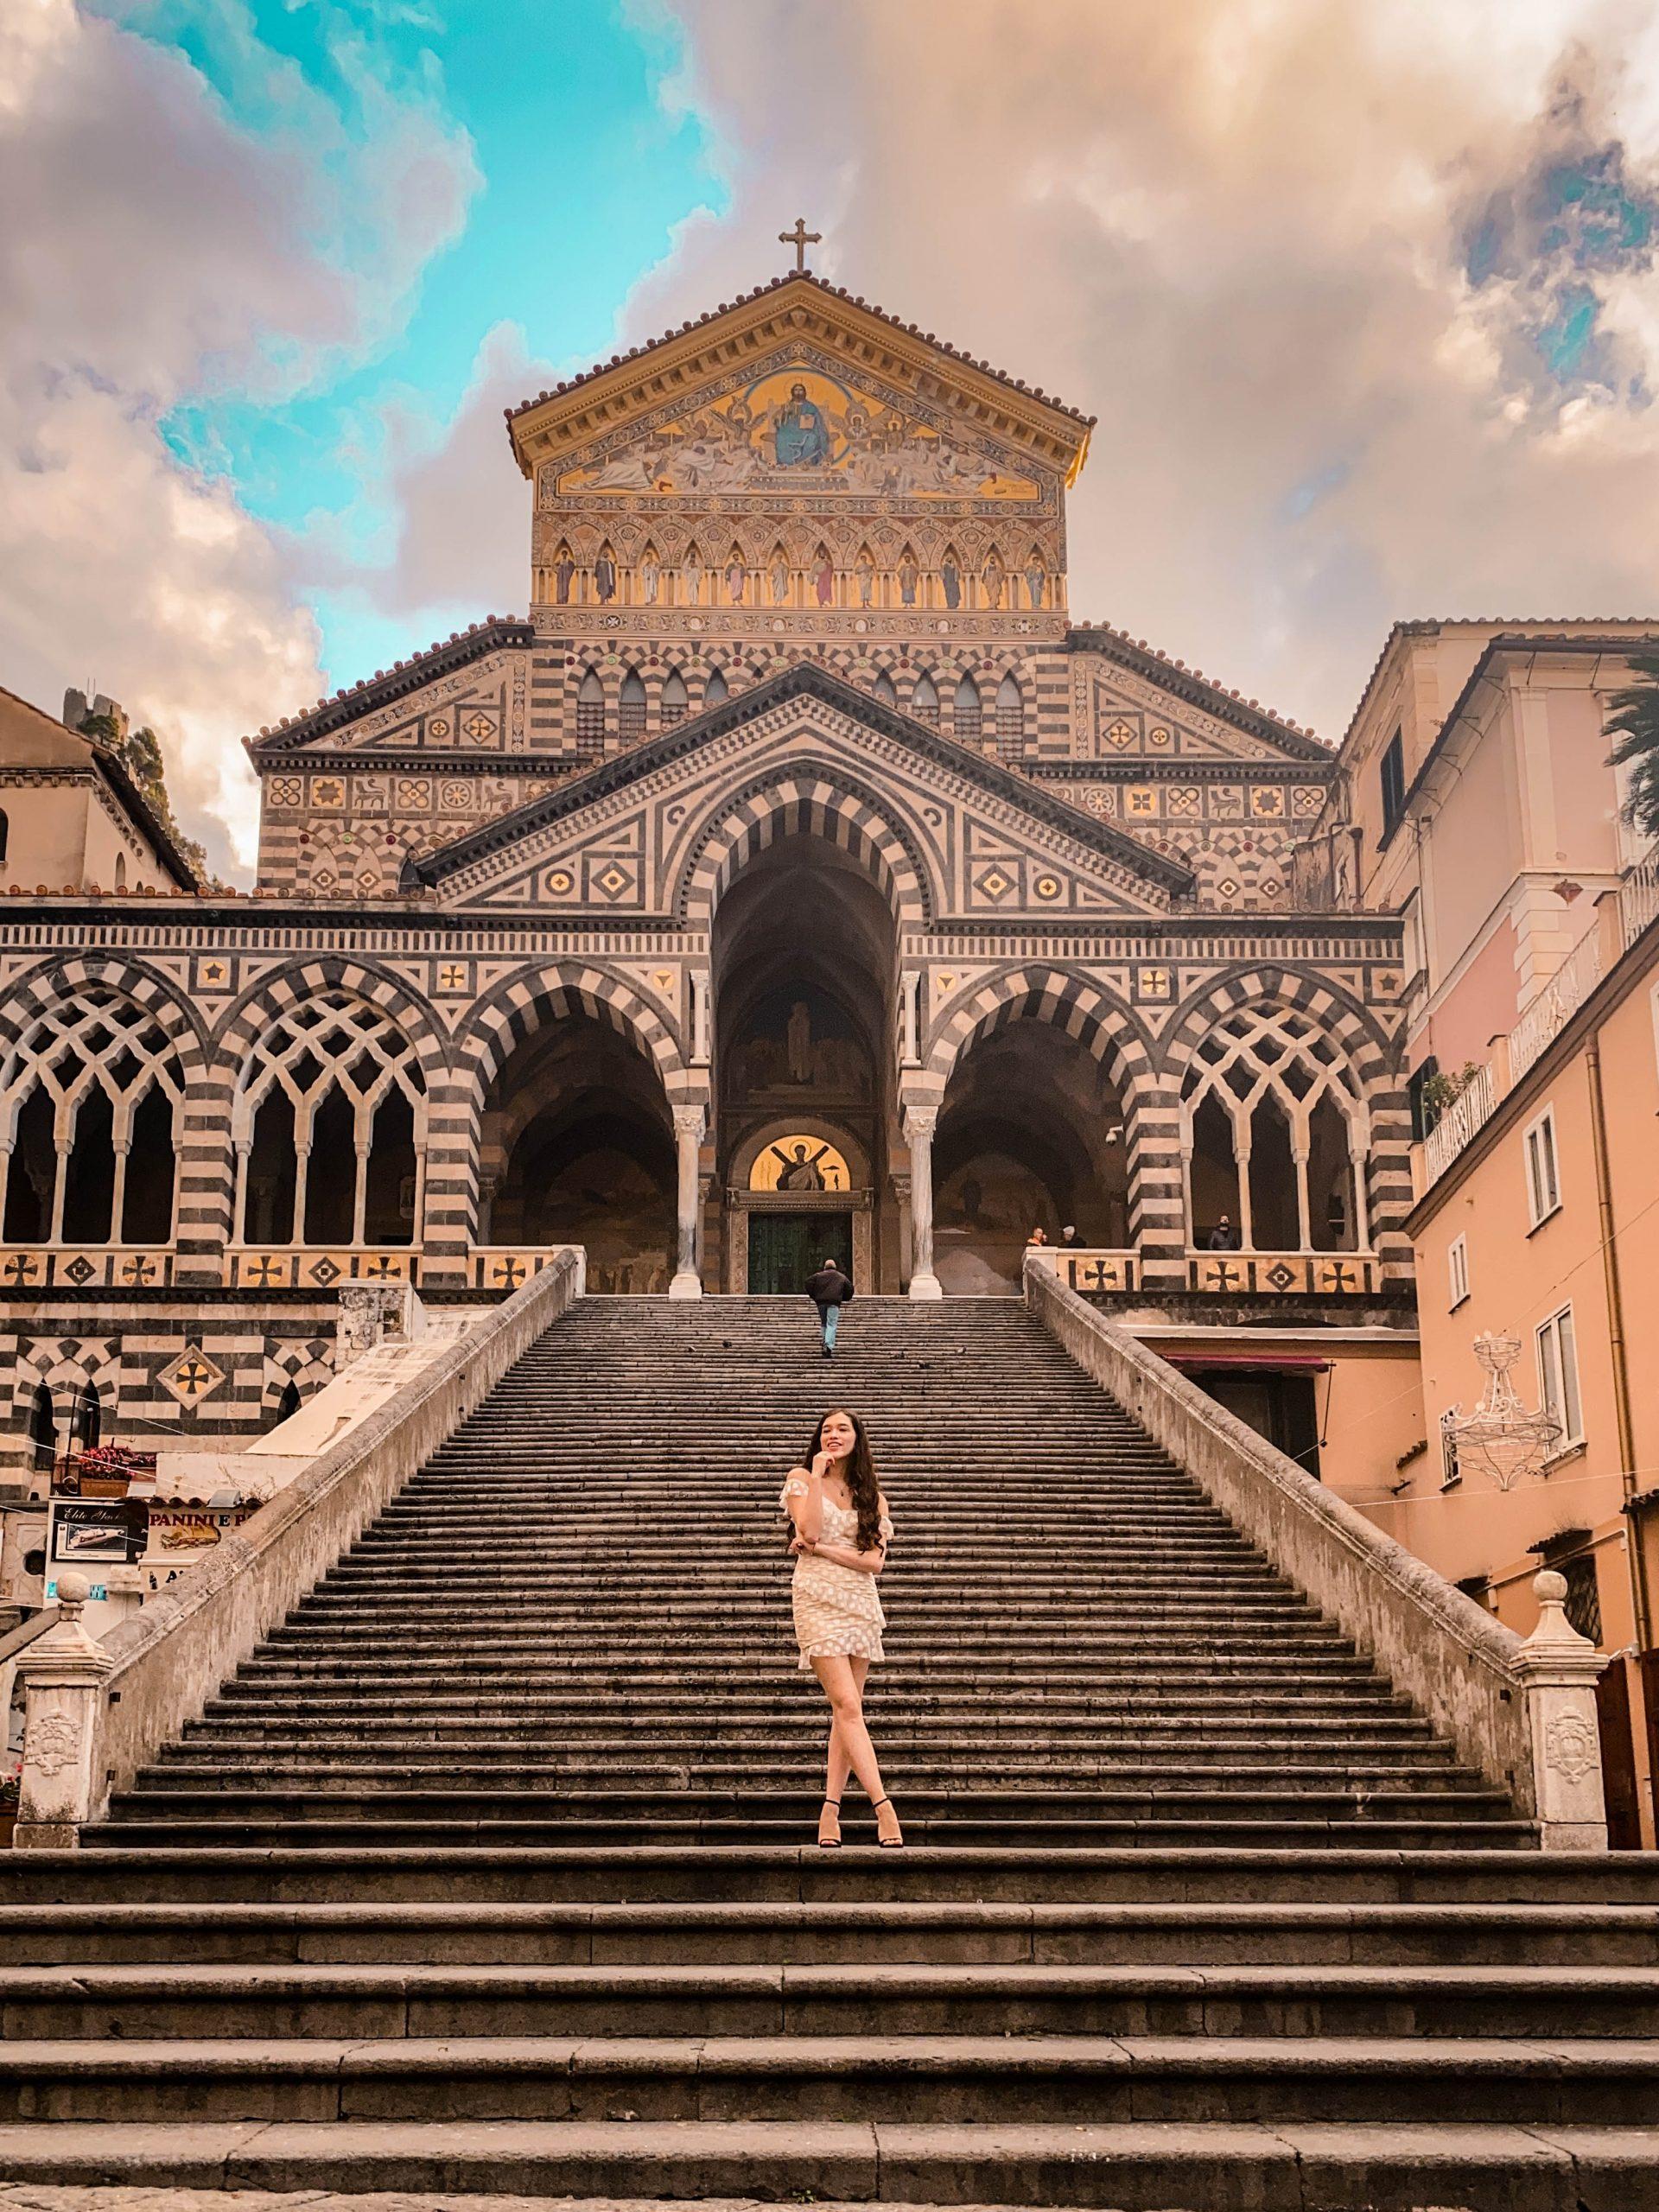 duomo di sant'andrea Piazza del Duomo cattedrale di sant'andrea amalfi coast italy province of salerno solo female travel